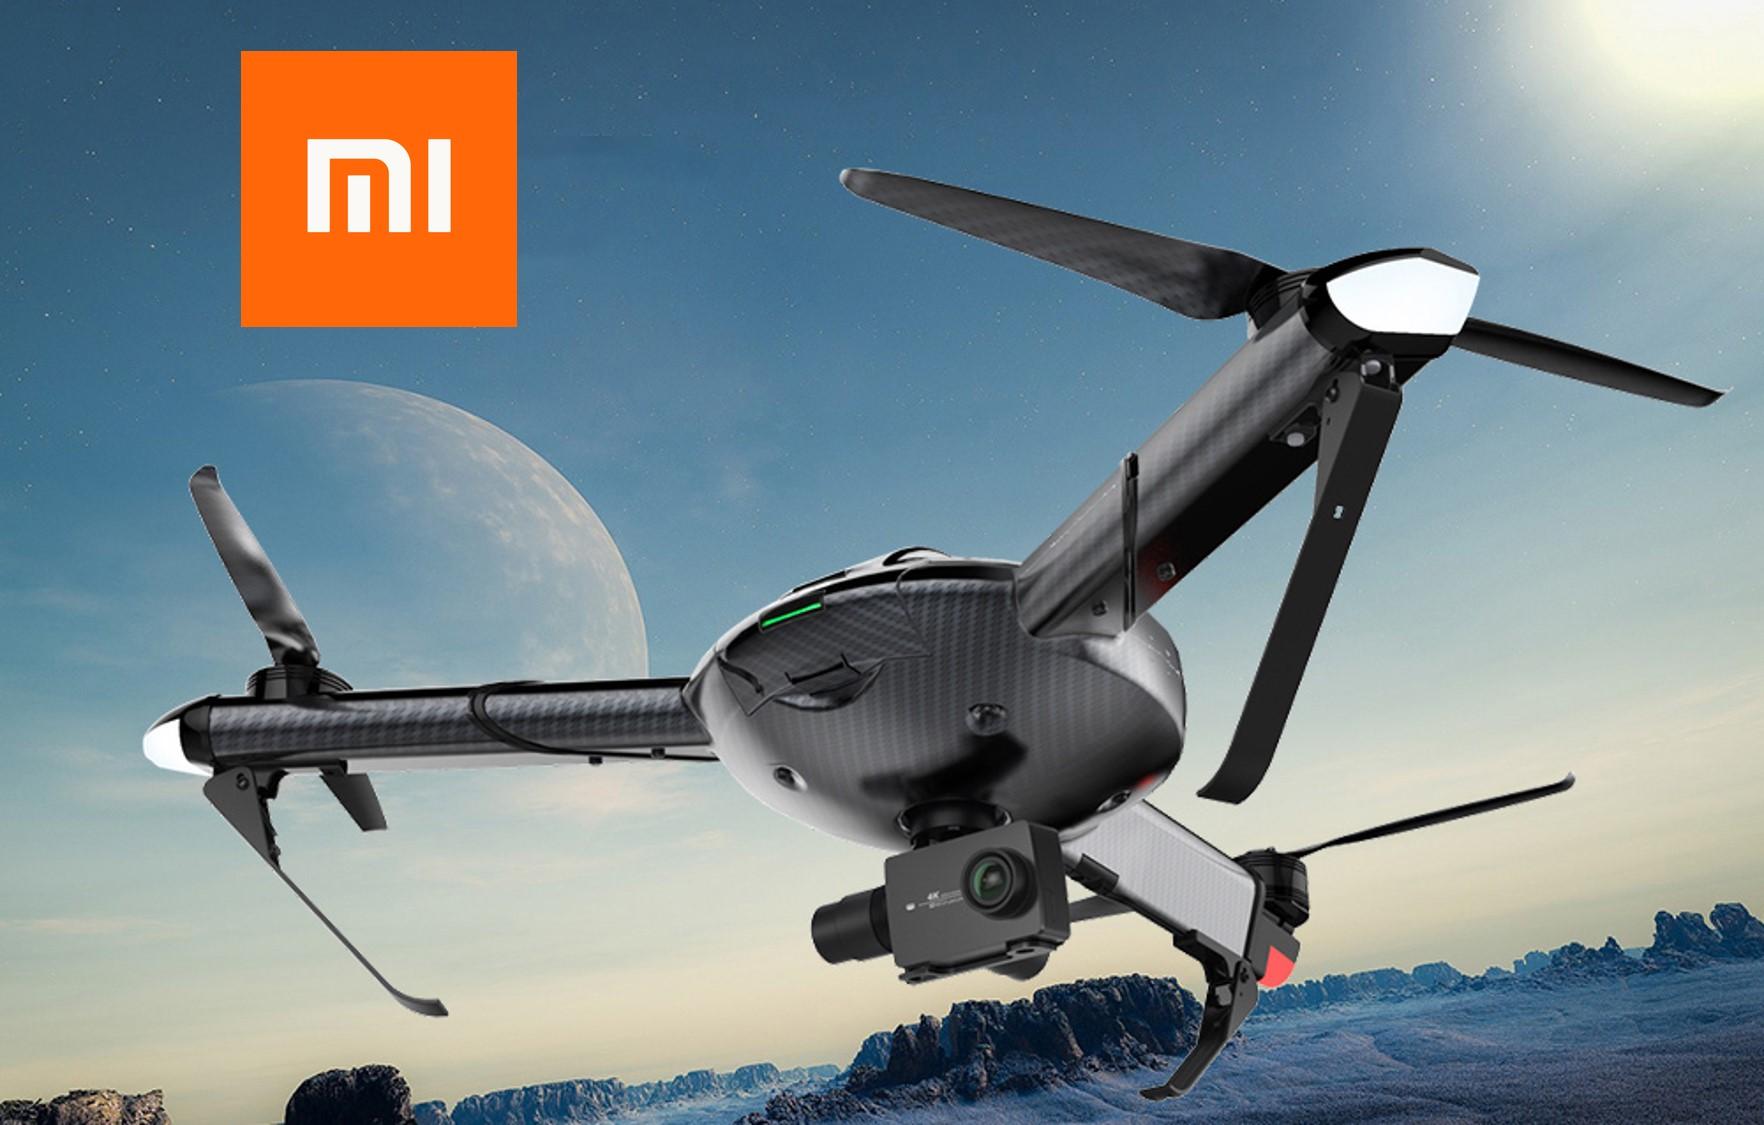 Xiaomi revelará su Drone Yi Erida y cámara YI 4K durante del CES 2017